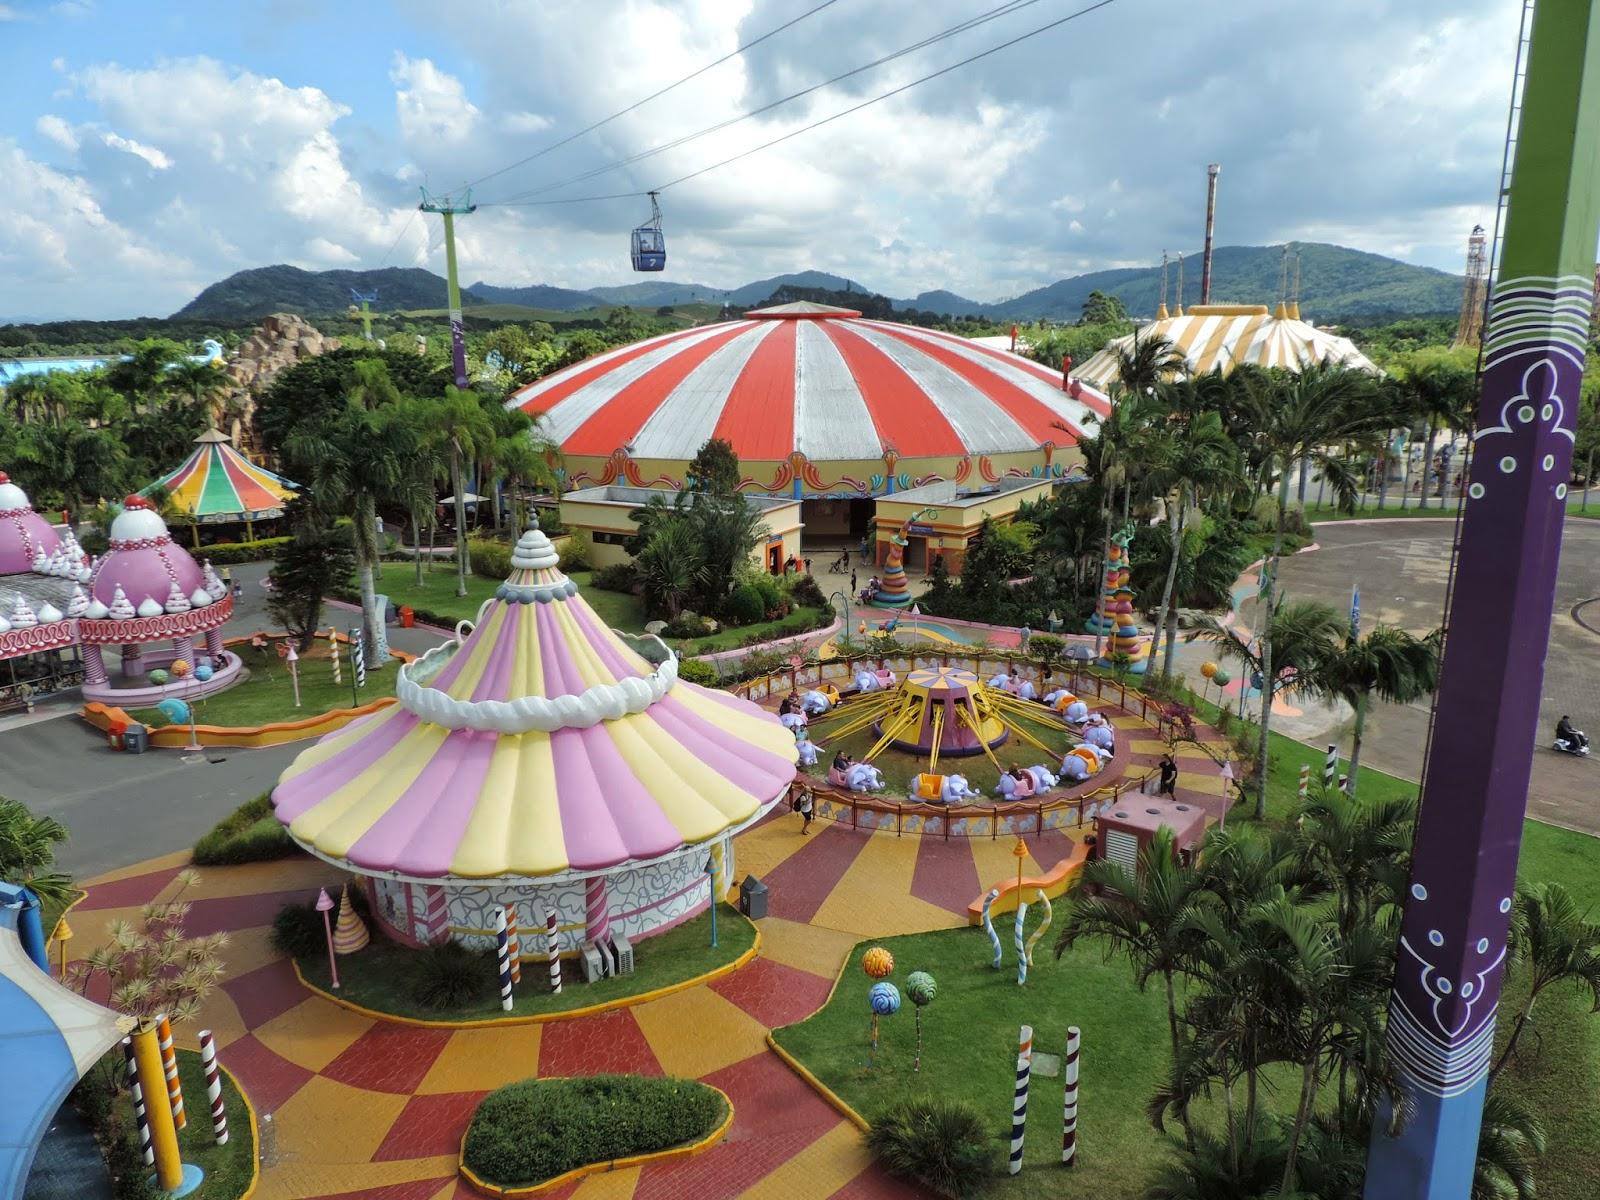 Beto Carrero World: um parque mais divertido do que você imagina! #1  #996232 1600 1200